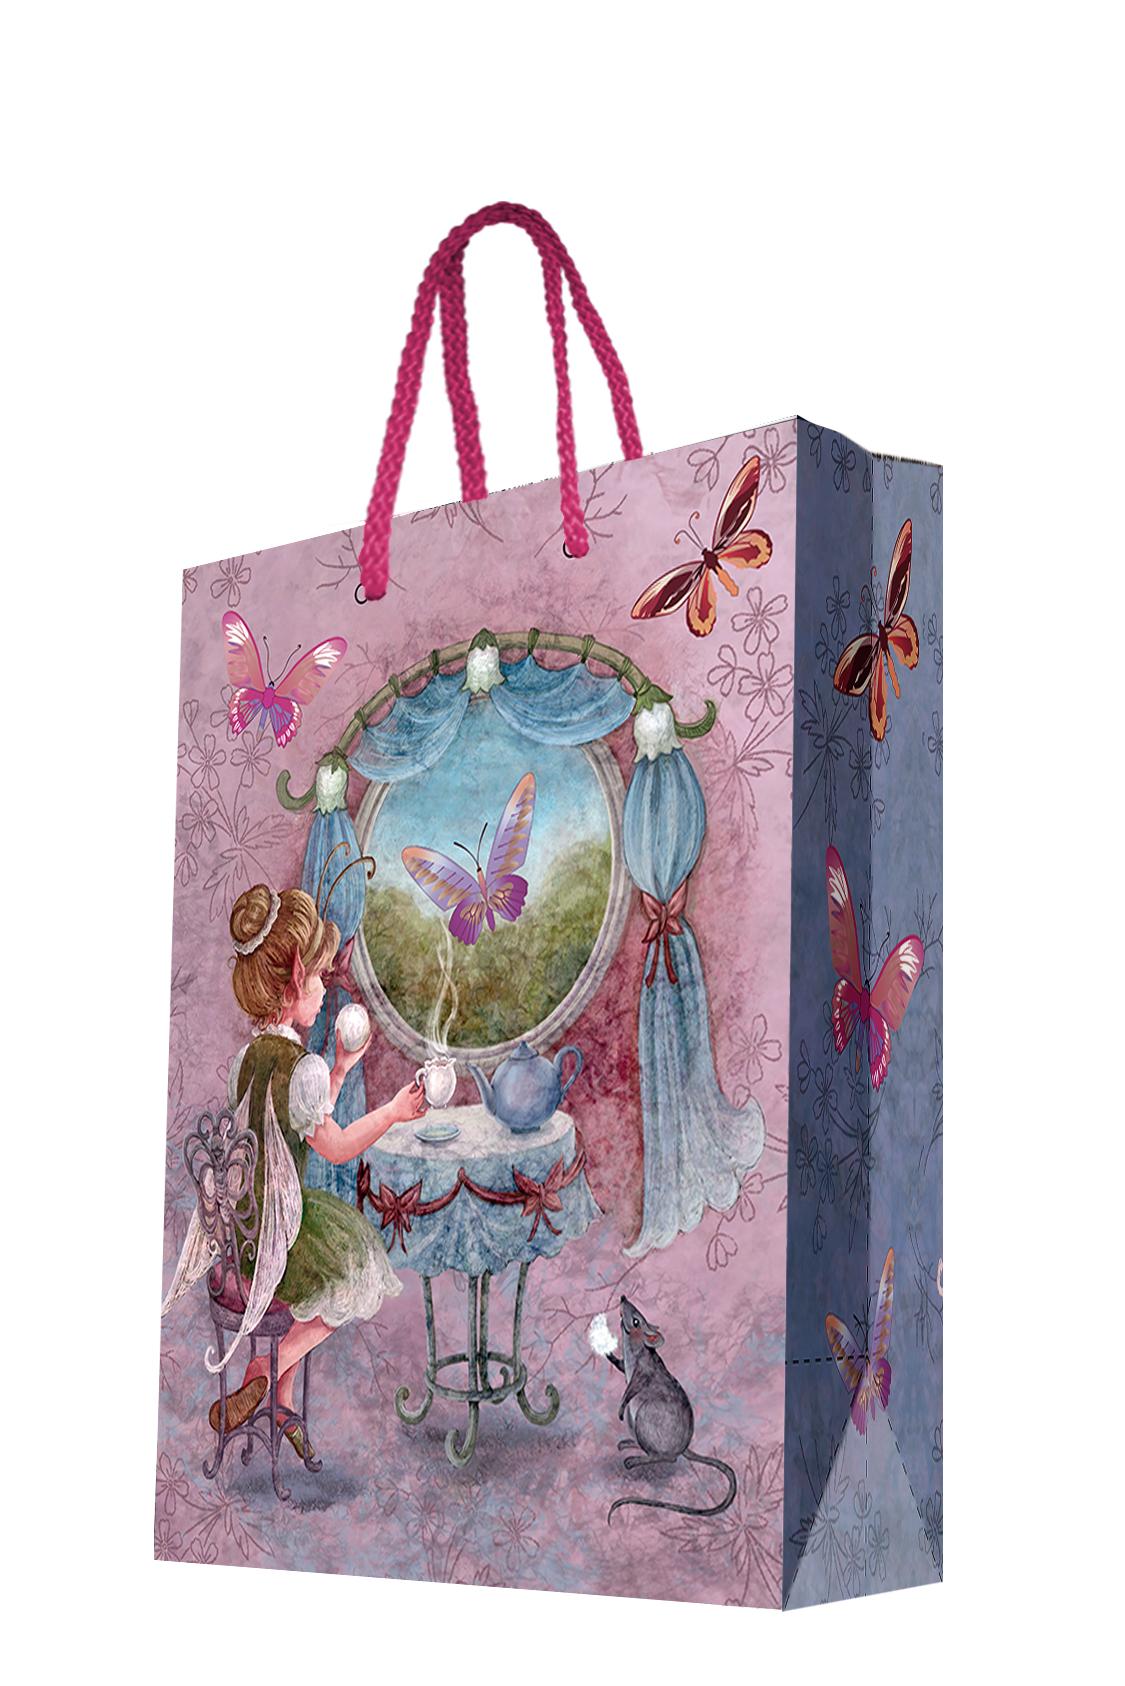 Пакет подарочный Magic Home Волшебное чаепитие, 26 х 32,4 х 12,7 см44196Бумажный пакет для сувенирной продукции , с ламинацией, с шириной основания 26 см, плотность бумаги 140 г/м2